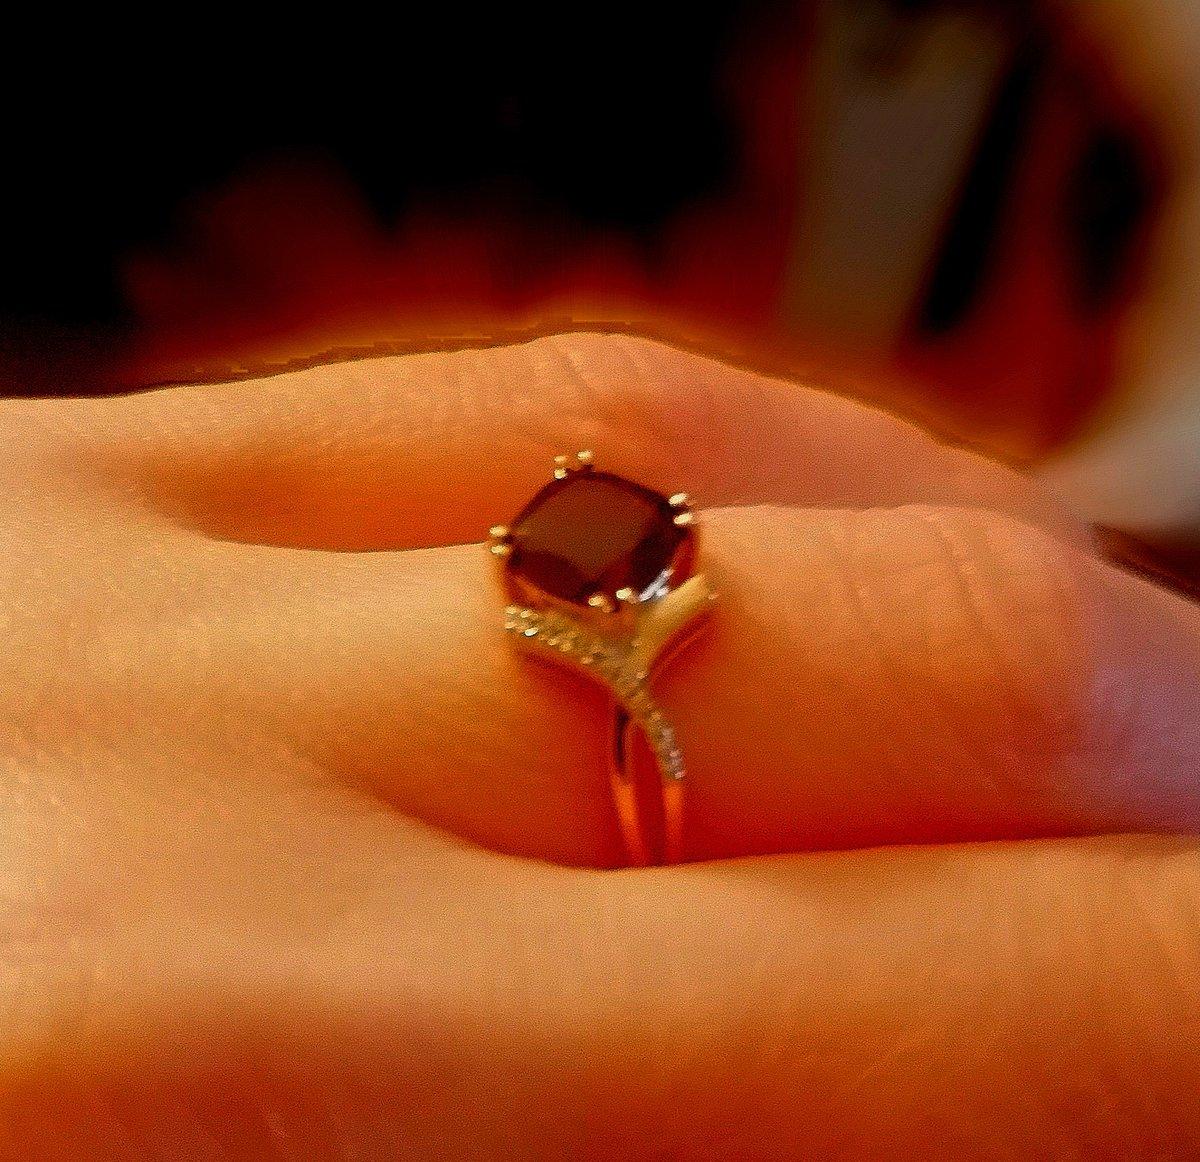 Кольцо 💍 к серьгам